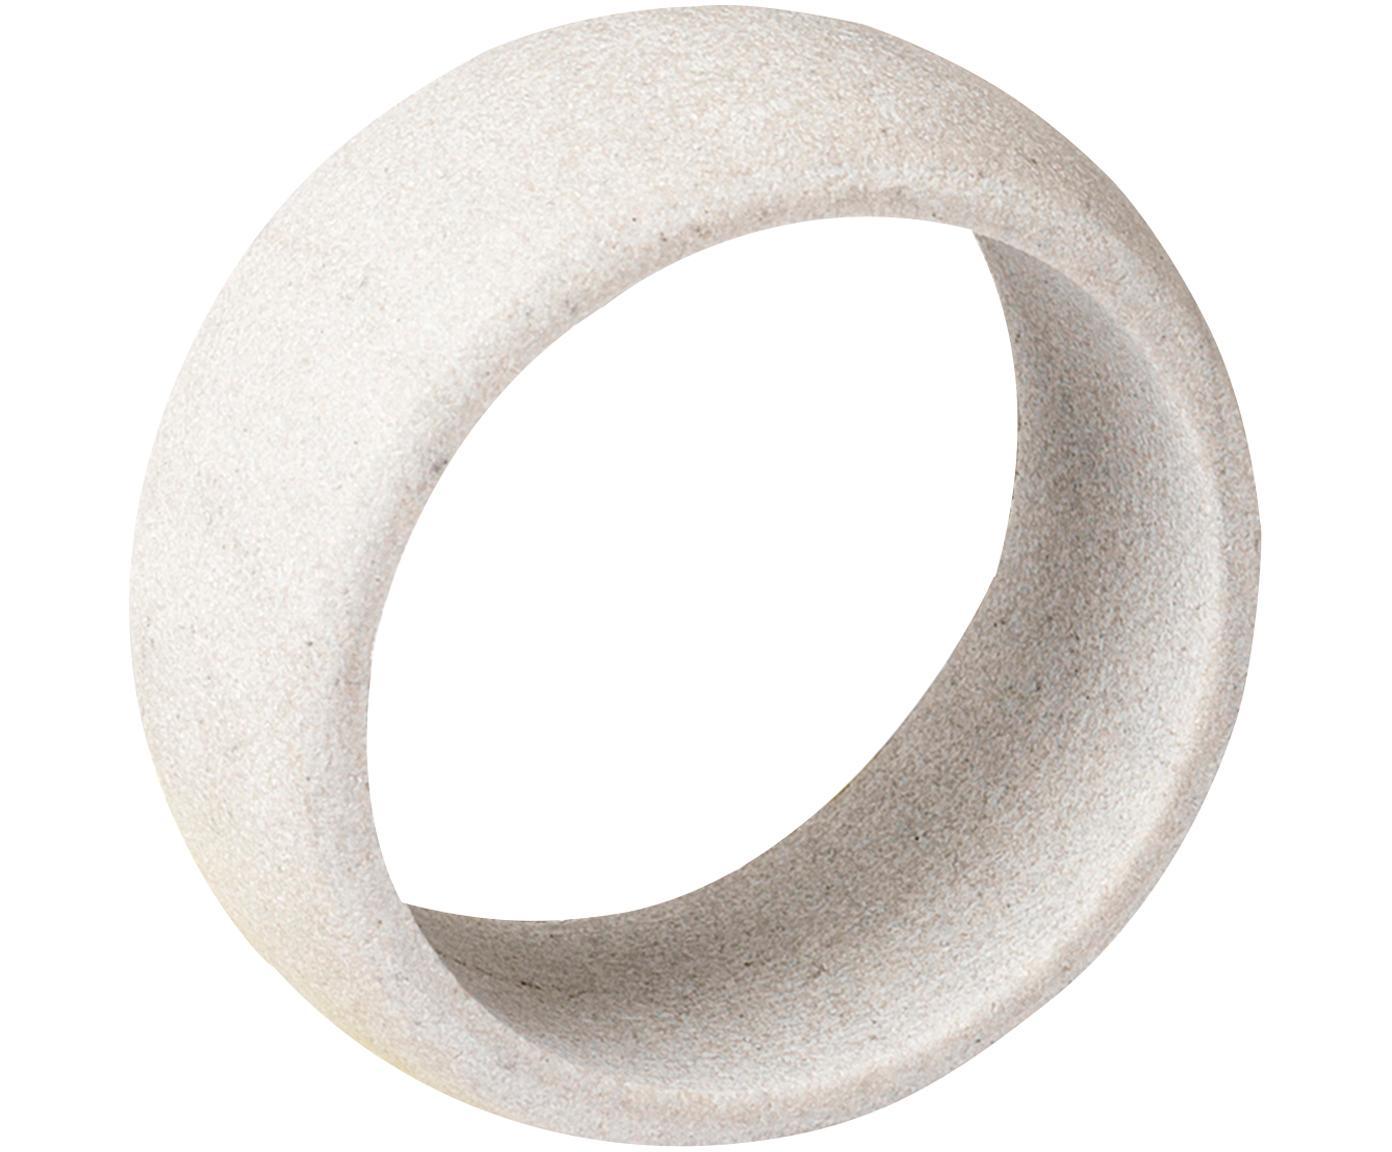 Serviettenringe Kit, 6 Stück, Sandstein, Heller Sandstein, Ø 5 x H 2 cm